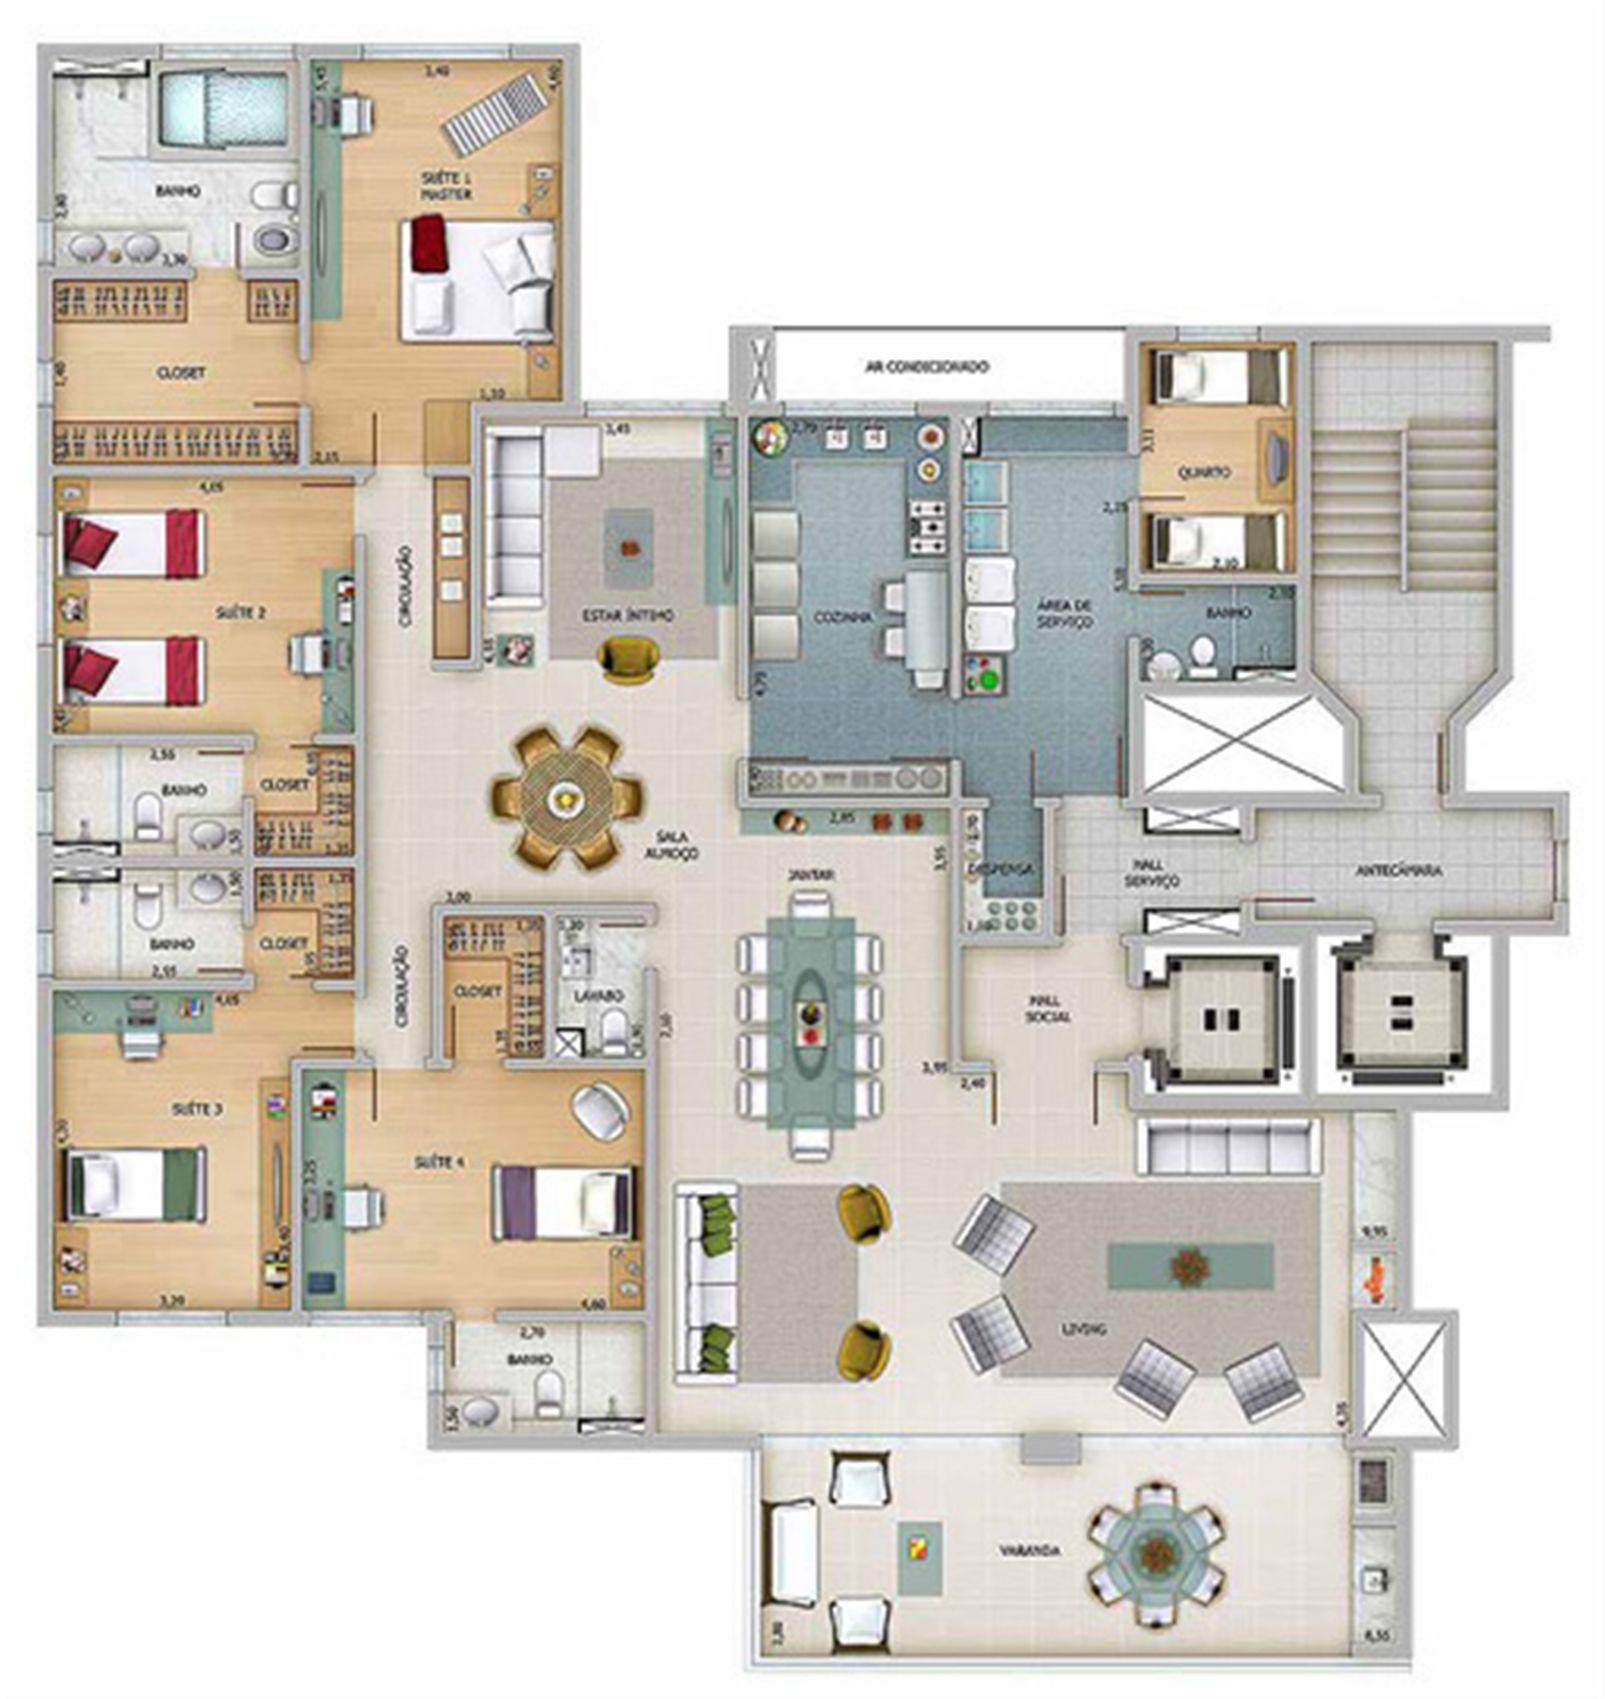 Edifício Athena - Planta do 1º ao 16º pavimento | Olympus - Apolo e Athena – Apartamentona  Vila da Serra - Nova Lima - Minas Gerais